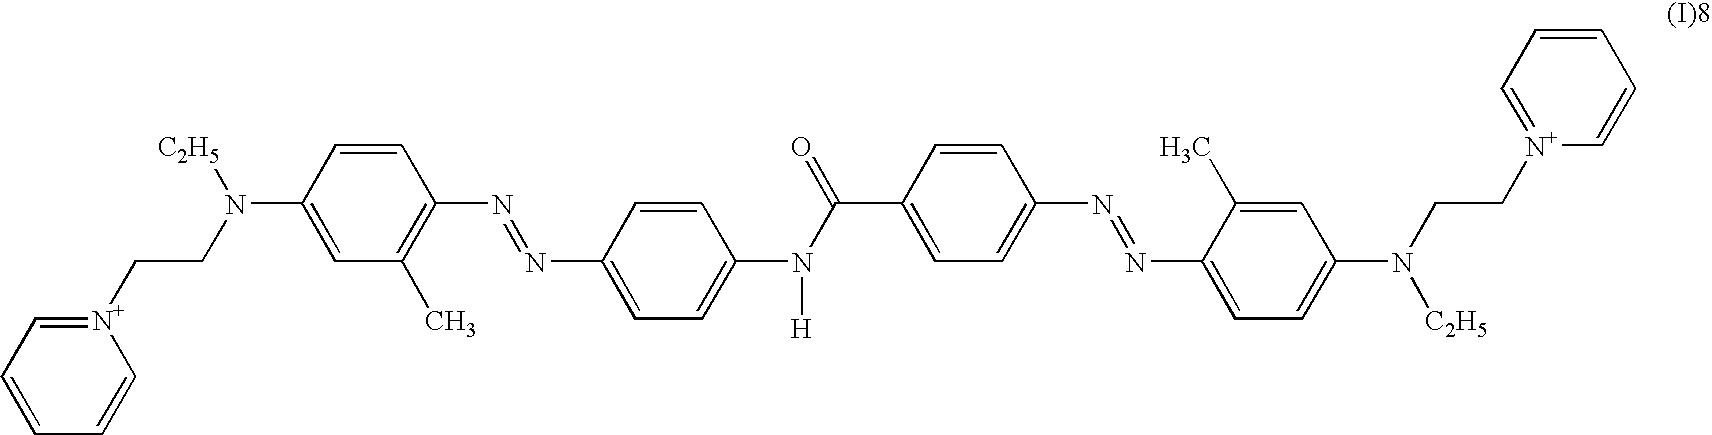 Figure US20050039268A1-20050224-C00013